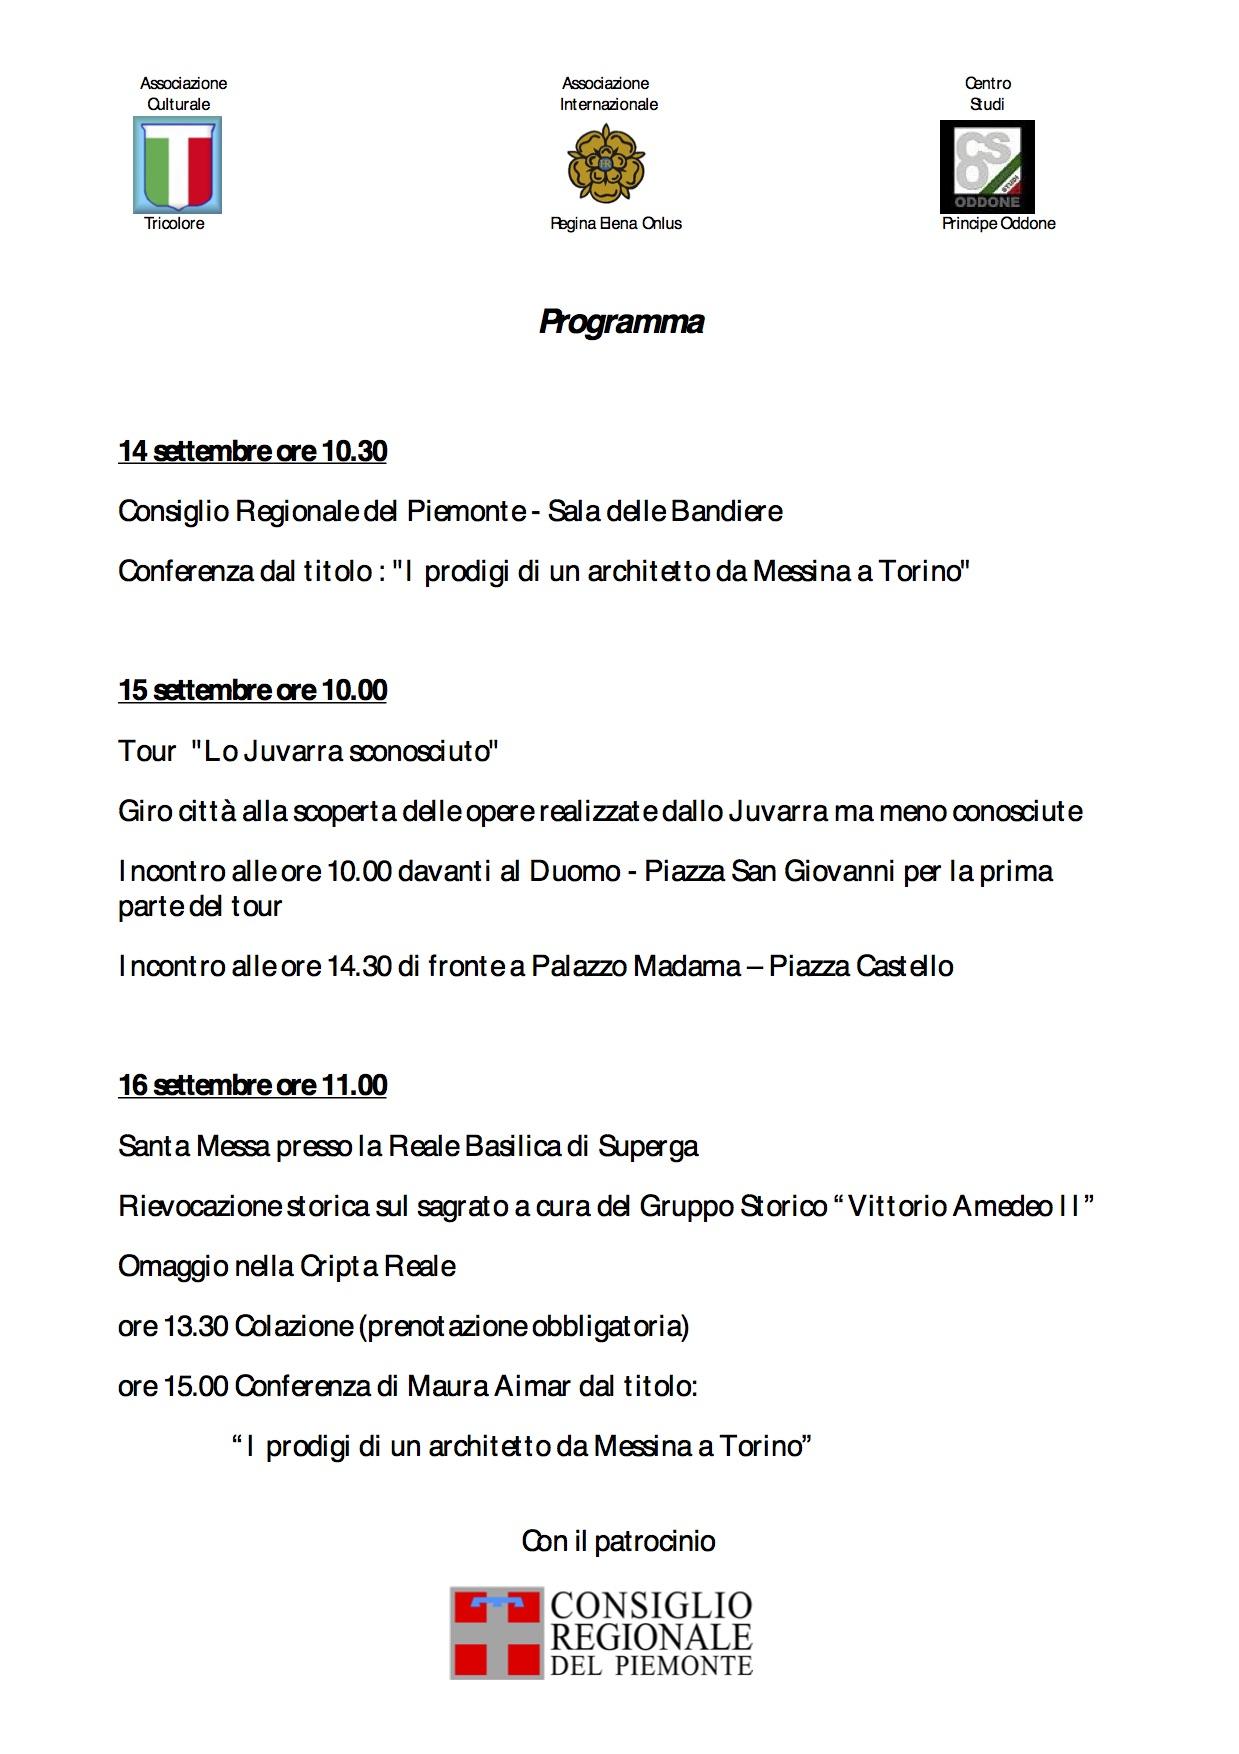 invito-2-torino-14-16-09-2018